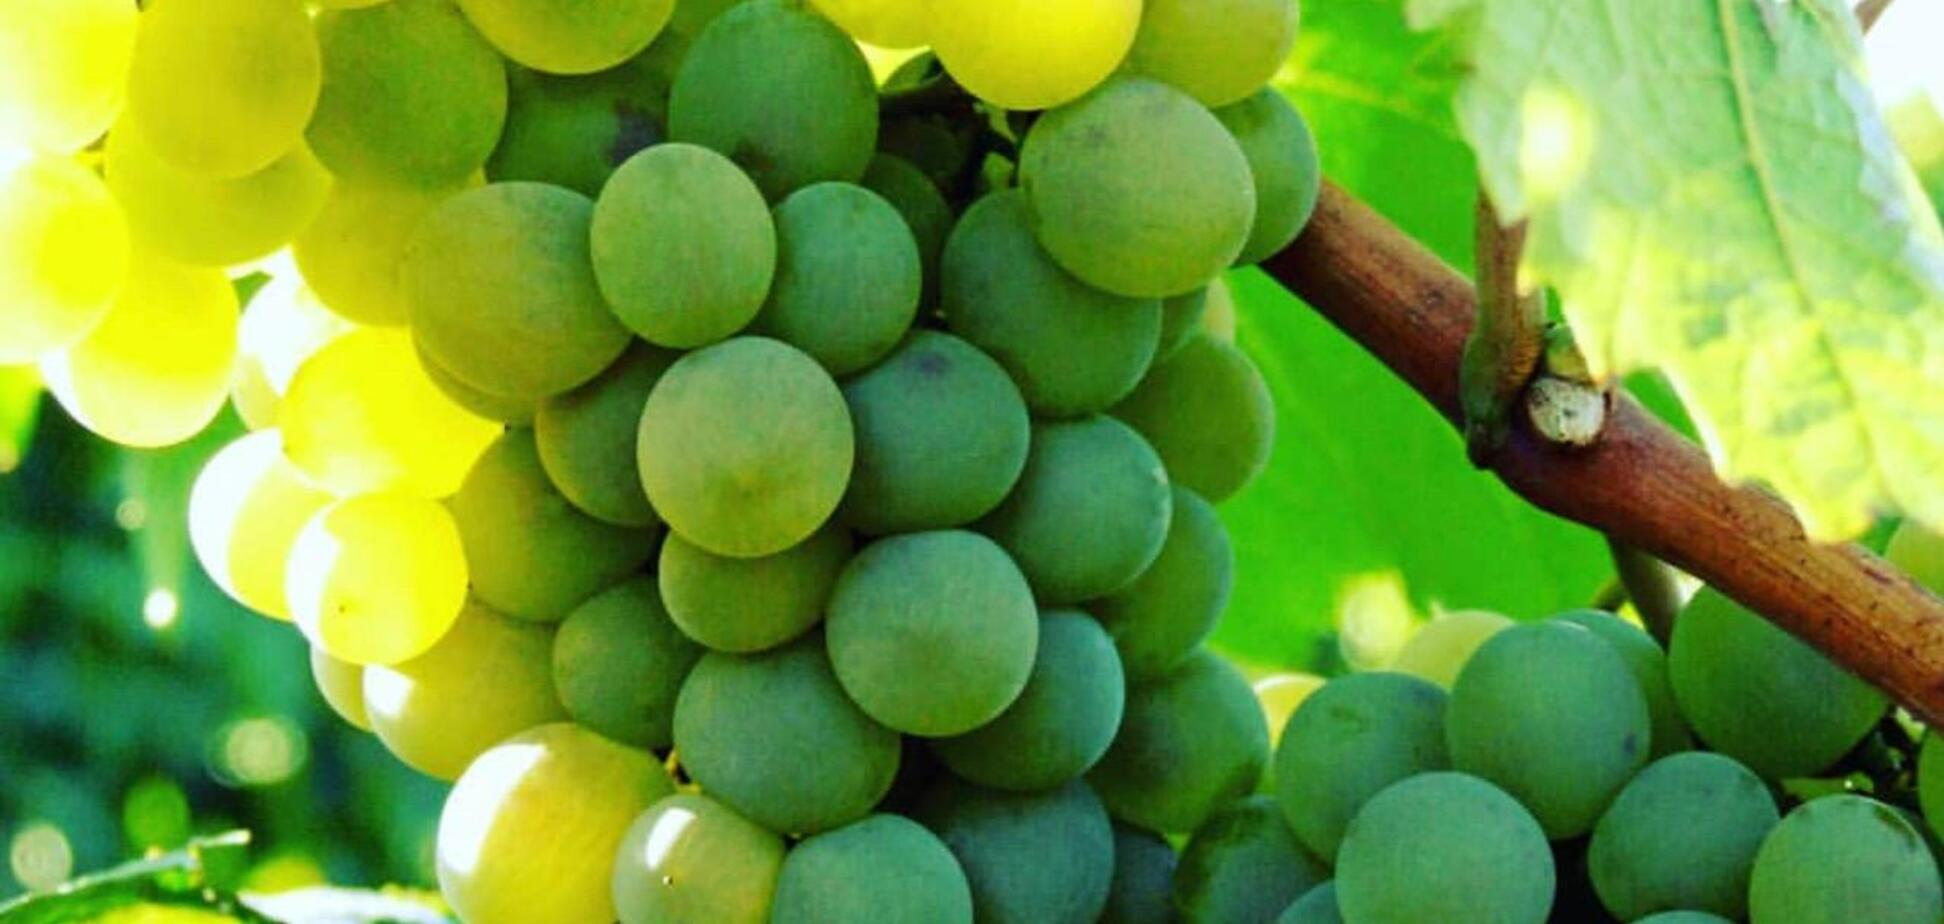 Ручная обработка лозы и сбор винограда – 'Таврия' меняет модель виноградарства